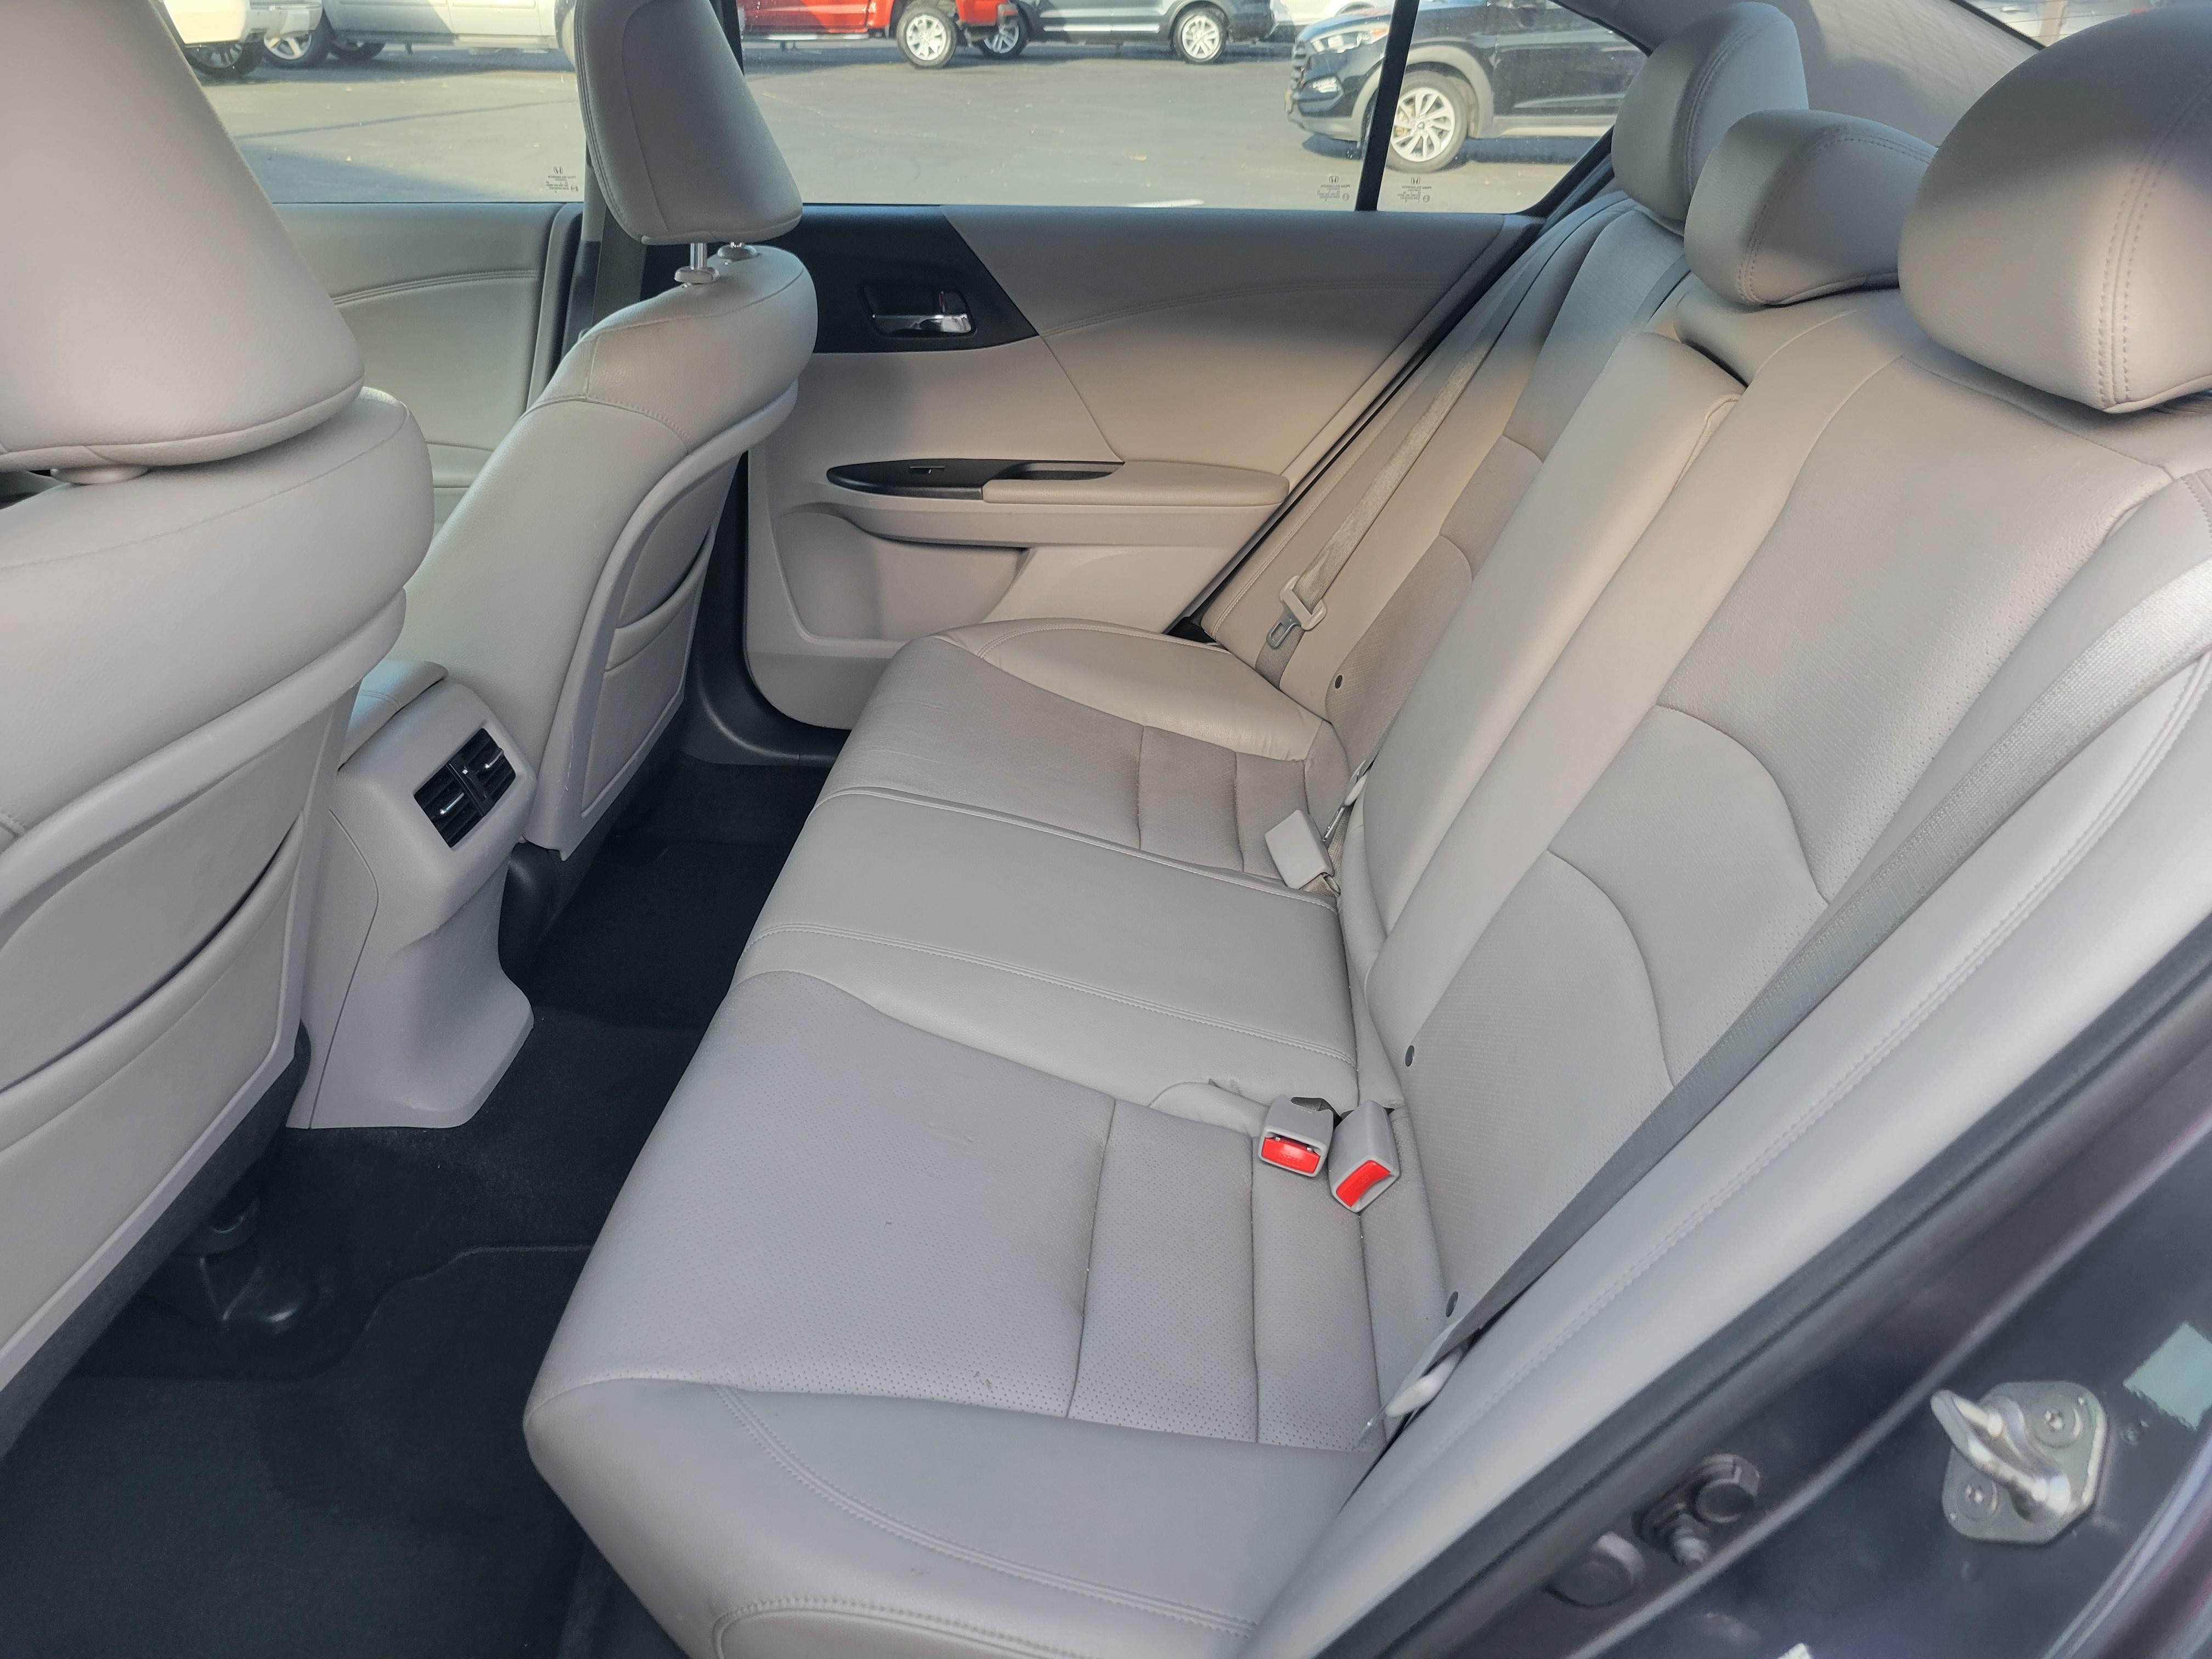 used vehicle - Sedan HONDA ACCORD 2014